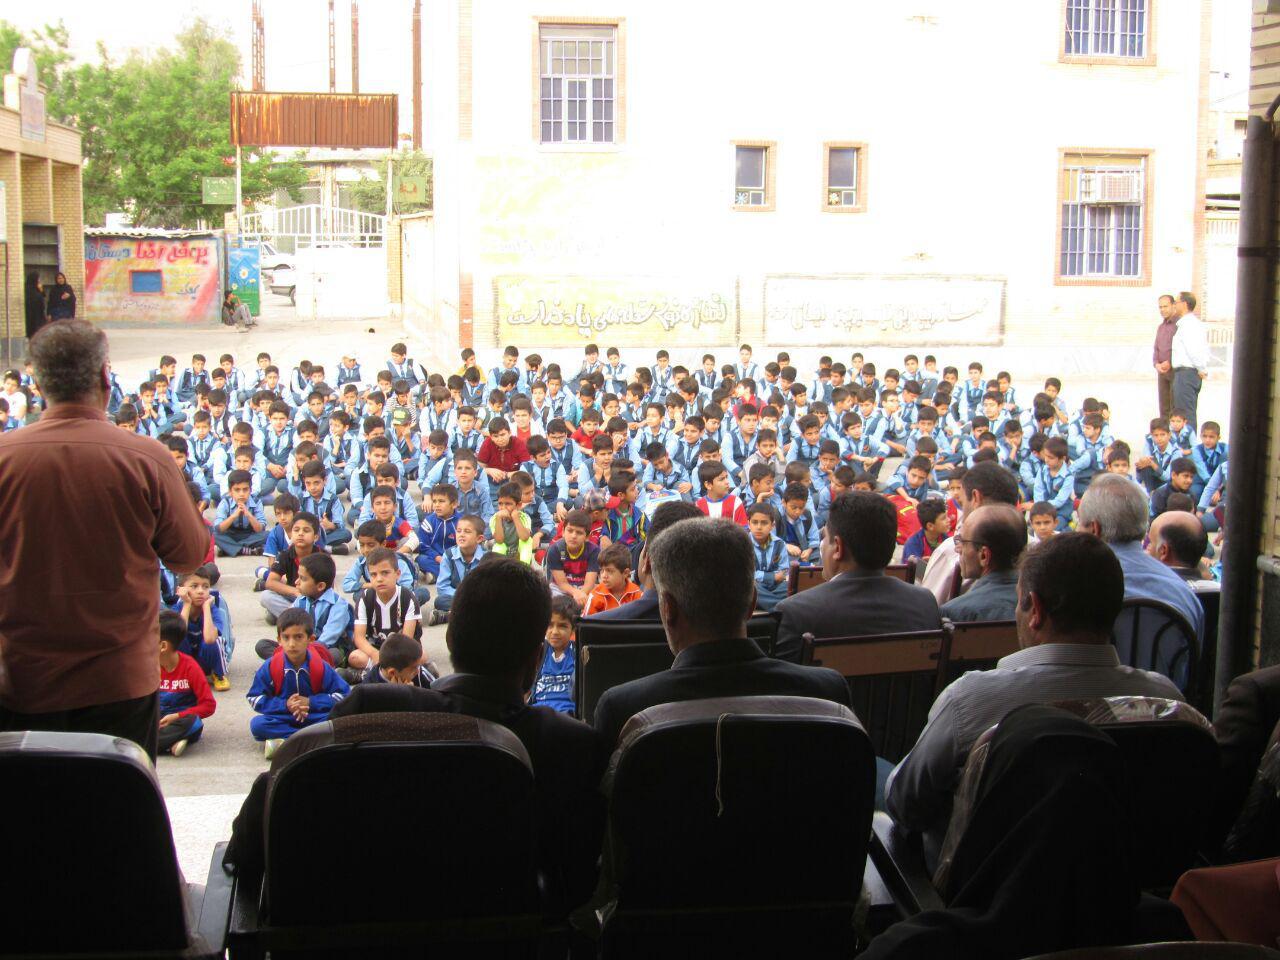 مراسم تجلیل از دانش آموزان شرکت کننده در جشنواره جابر ابن حیان دبستان سبحان برگزار شد